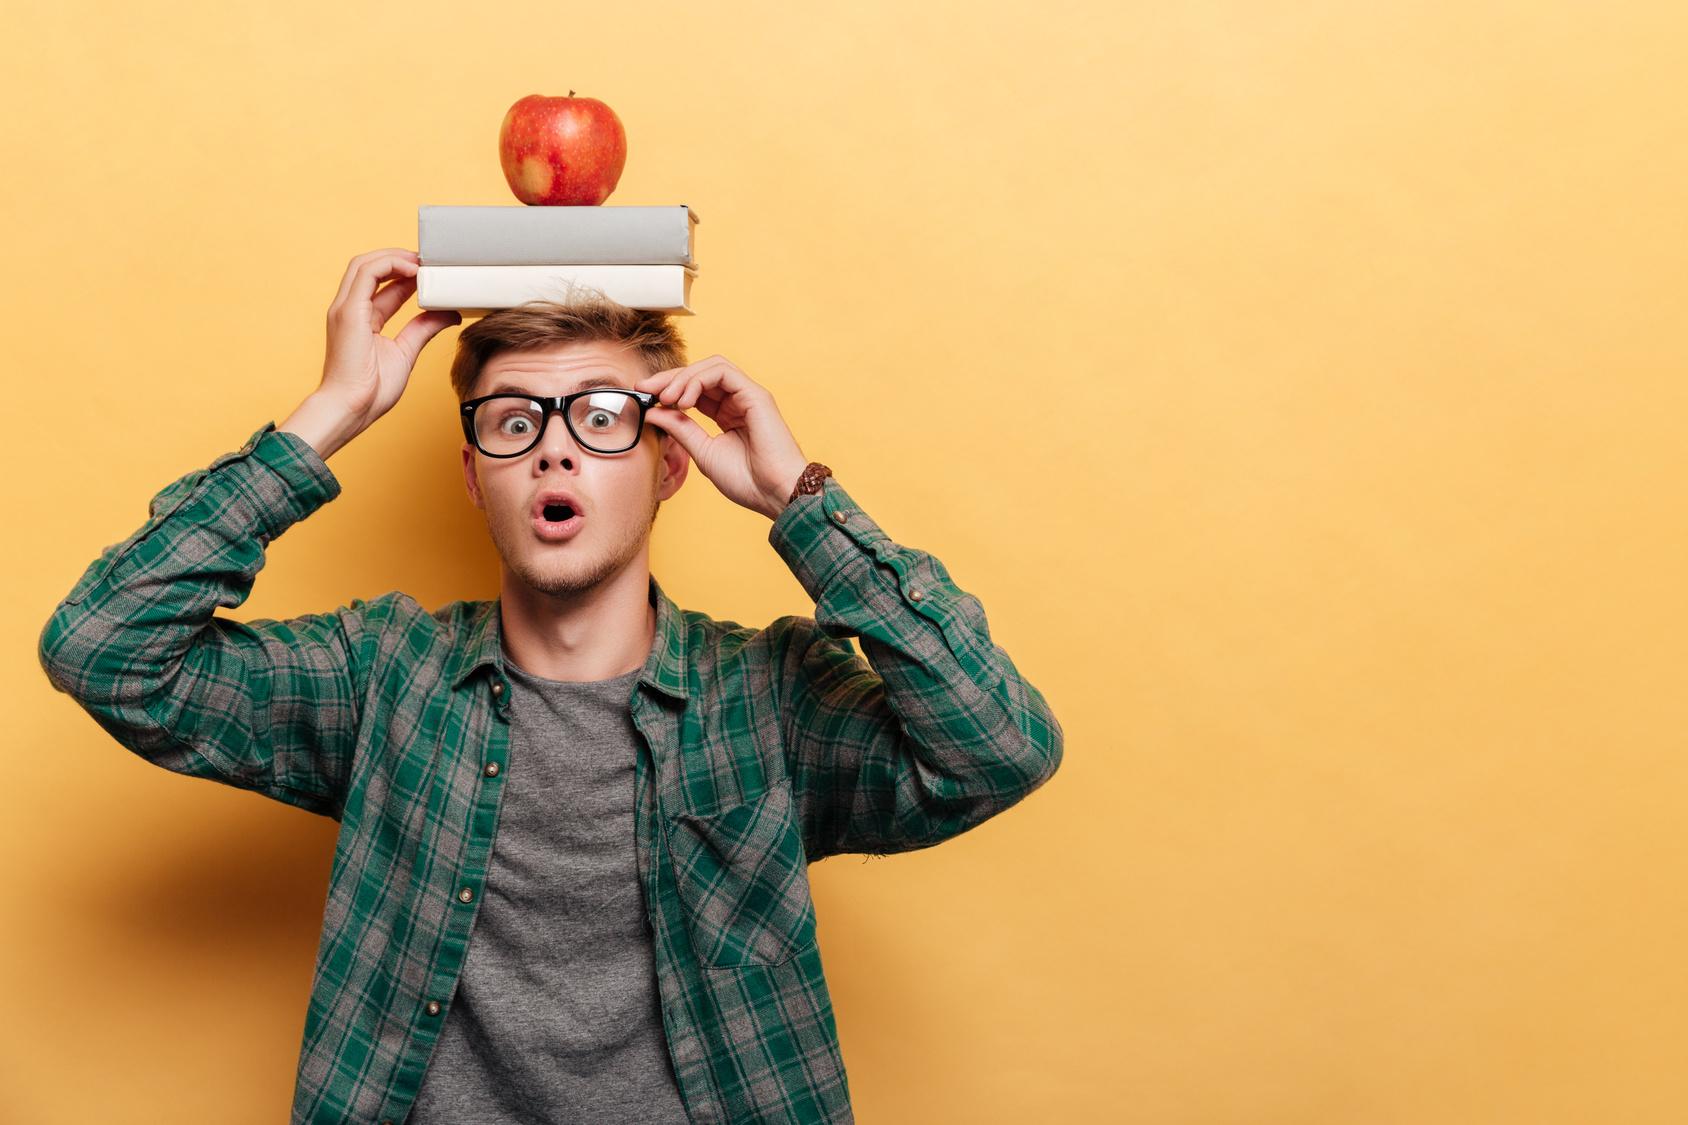 ragazzo libri mela